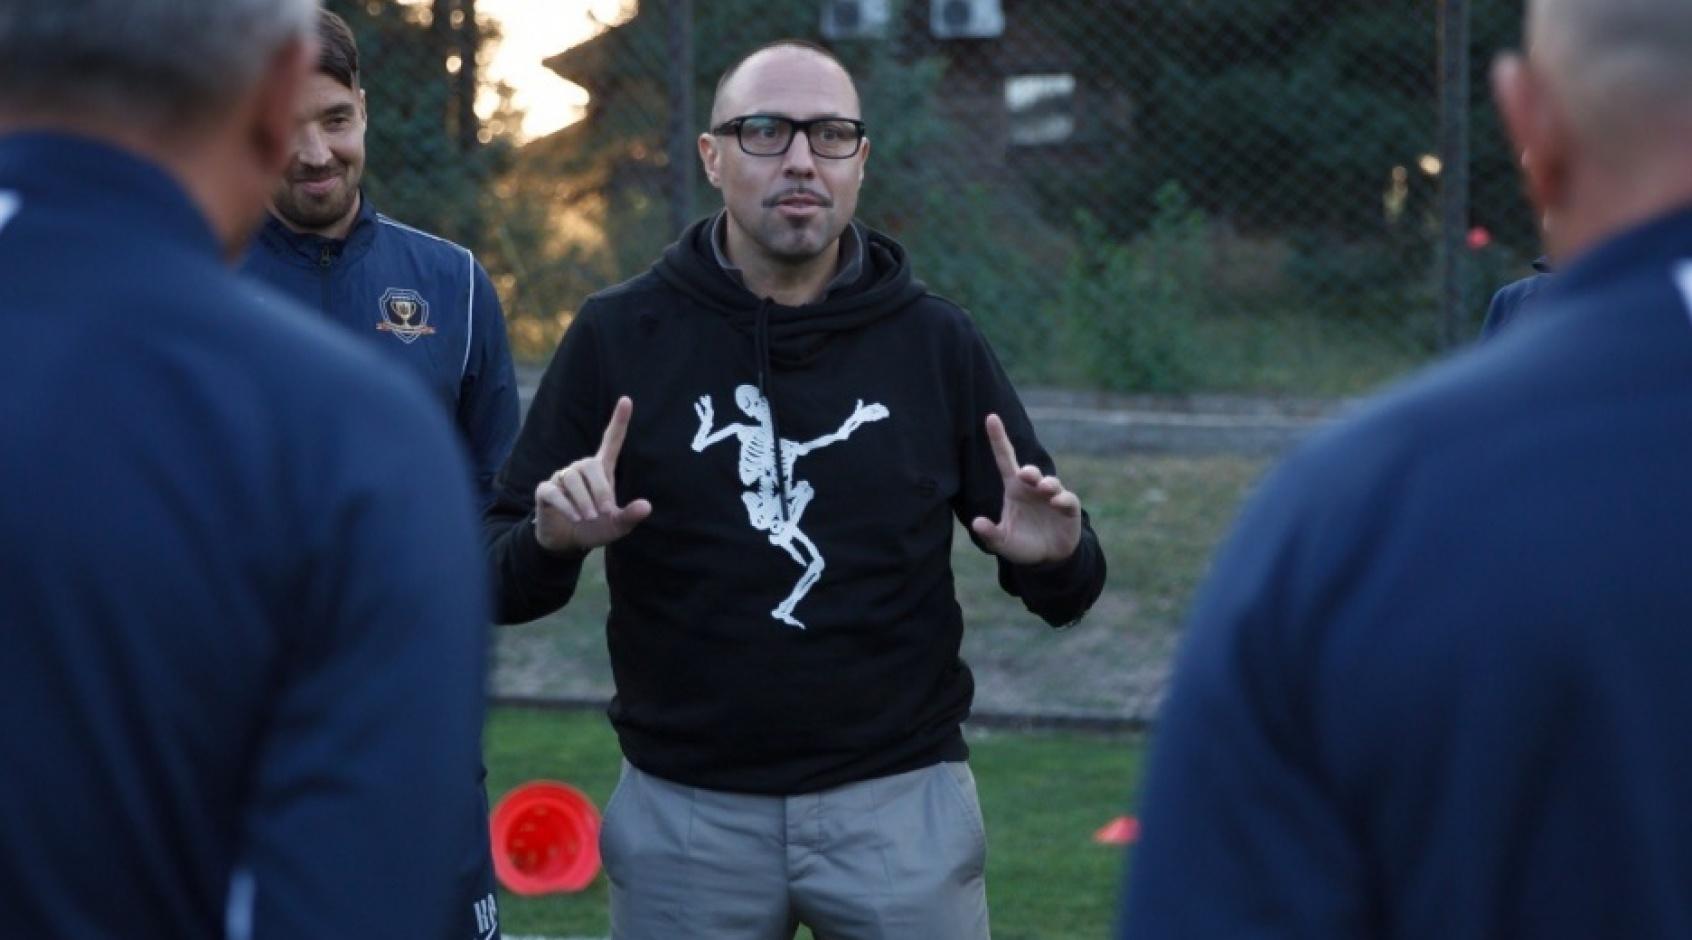 """Ігор Йовічевіч: """"Хочу, щоб команда грала у тотальний футбол і розуміла гру"""""""